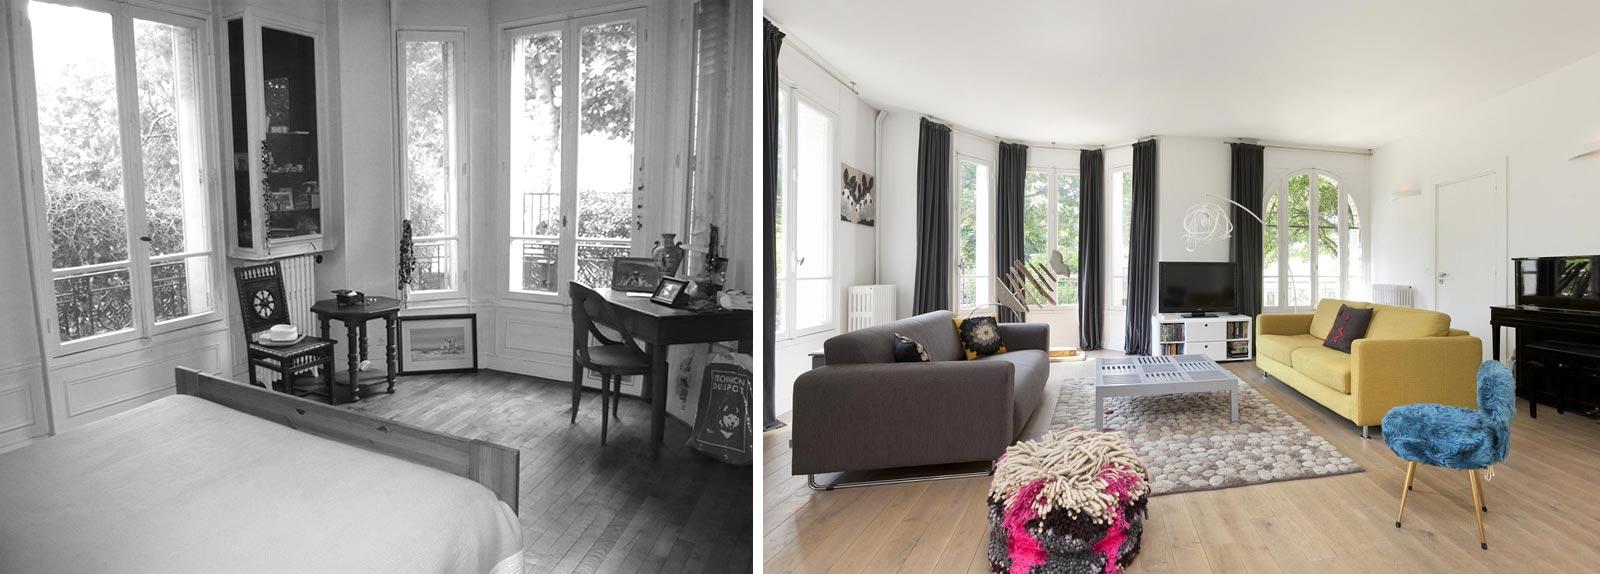 relooking d 39 int rieur d 39 une maison individuelle de 5 pi ces toulouse. Black Bedroom Furniture Sets. Home Design Ideas